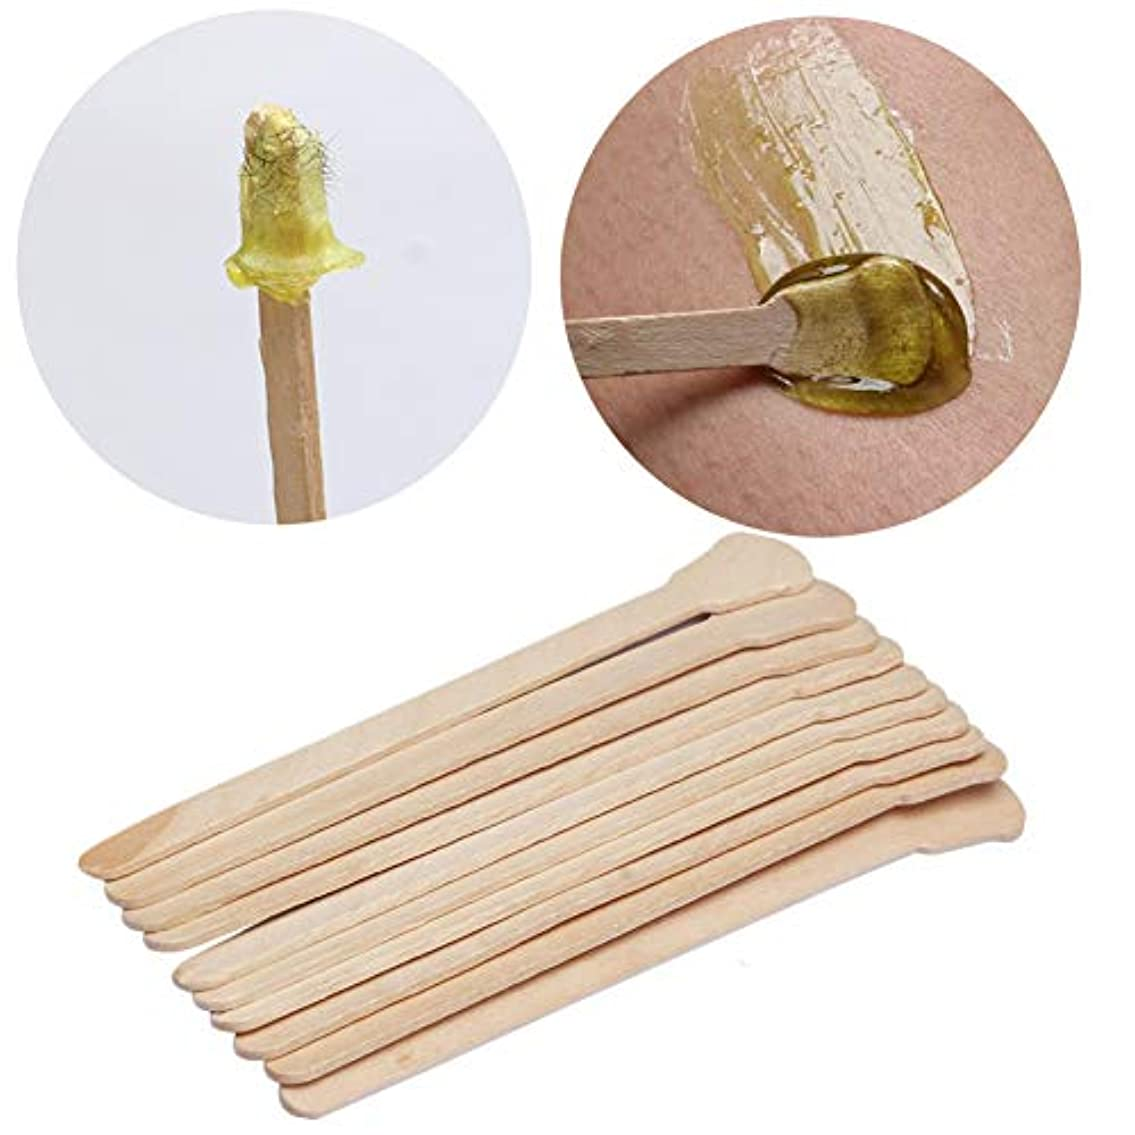 あたたかい空シャープKingsie 使い捨て スパチュラ 木製 50本セット 脱毛ワックス用 12.5cm アイススティック棒 化粧品 フェイスマスク、クリームなどをすくい取る際に ワックス脱毛